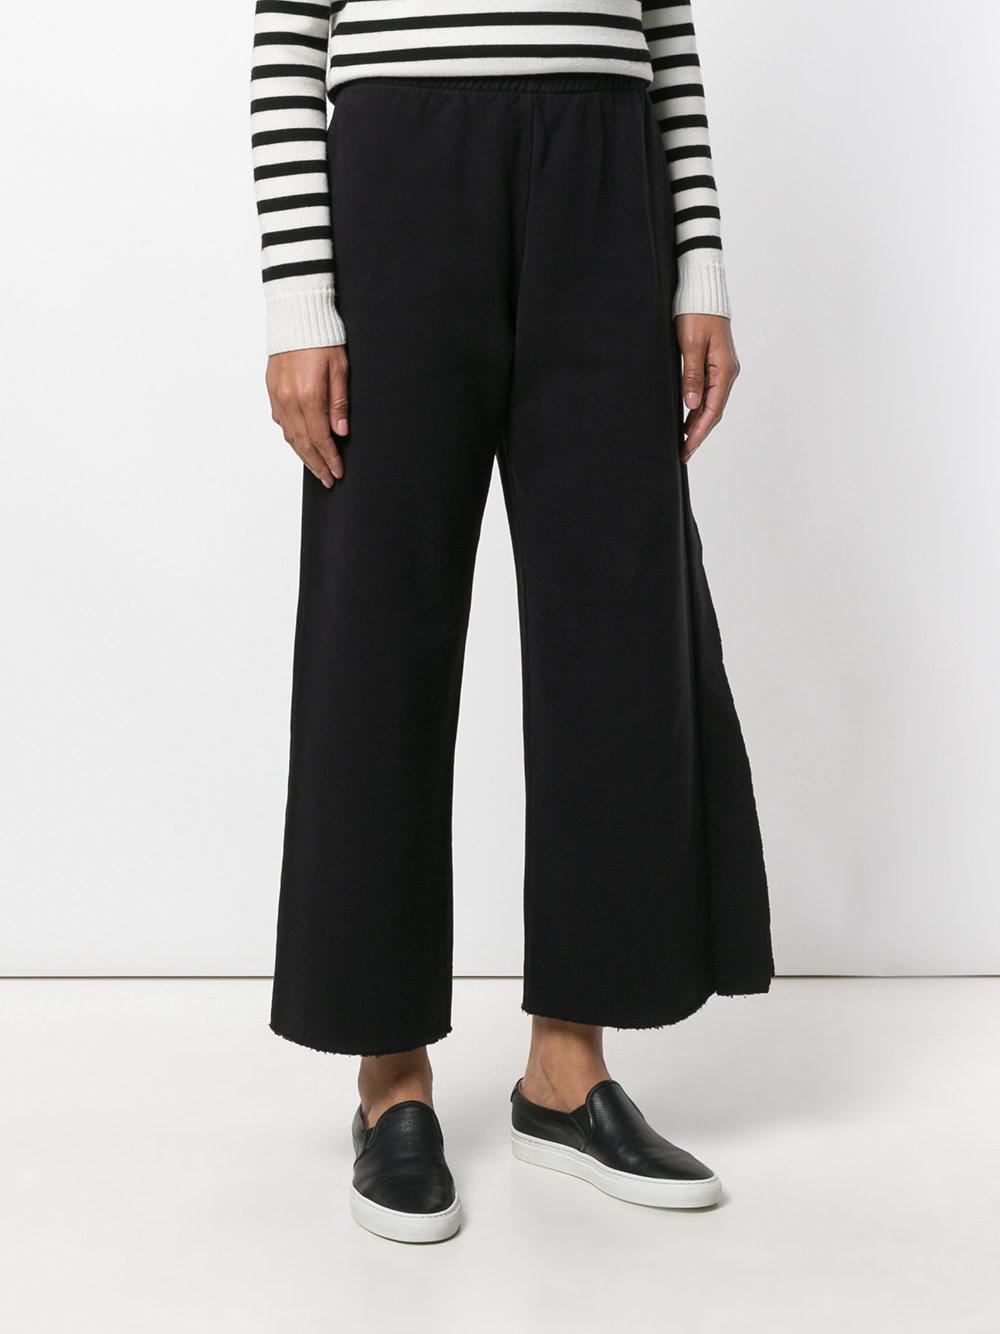 wide leg cropped pants - Unavailable Maison Martin Margiela Cheap Get Authentic Lowest Price Sale Best Sale Brand New Unisex Sale Online Cheap 2018 QJ3an3RR